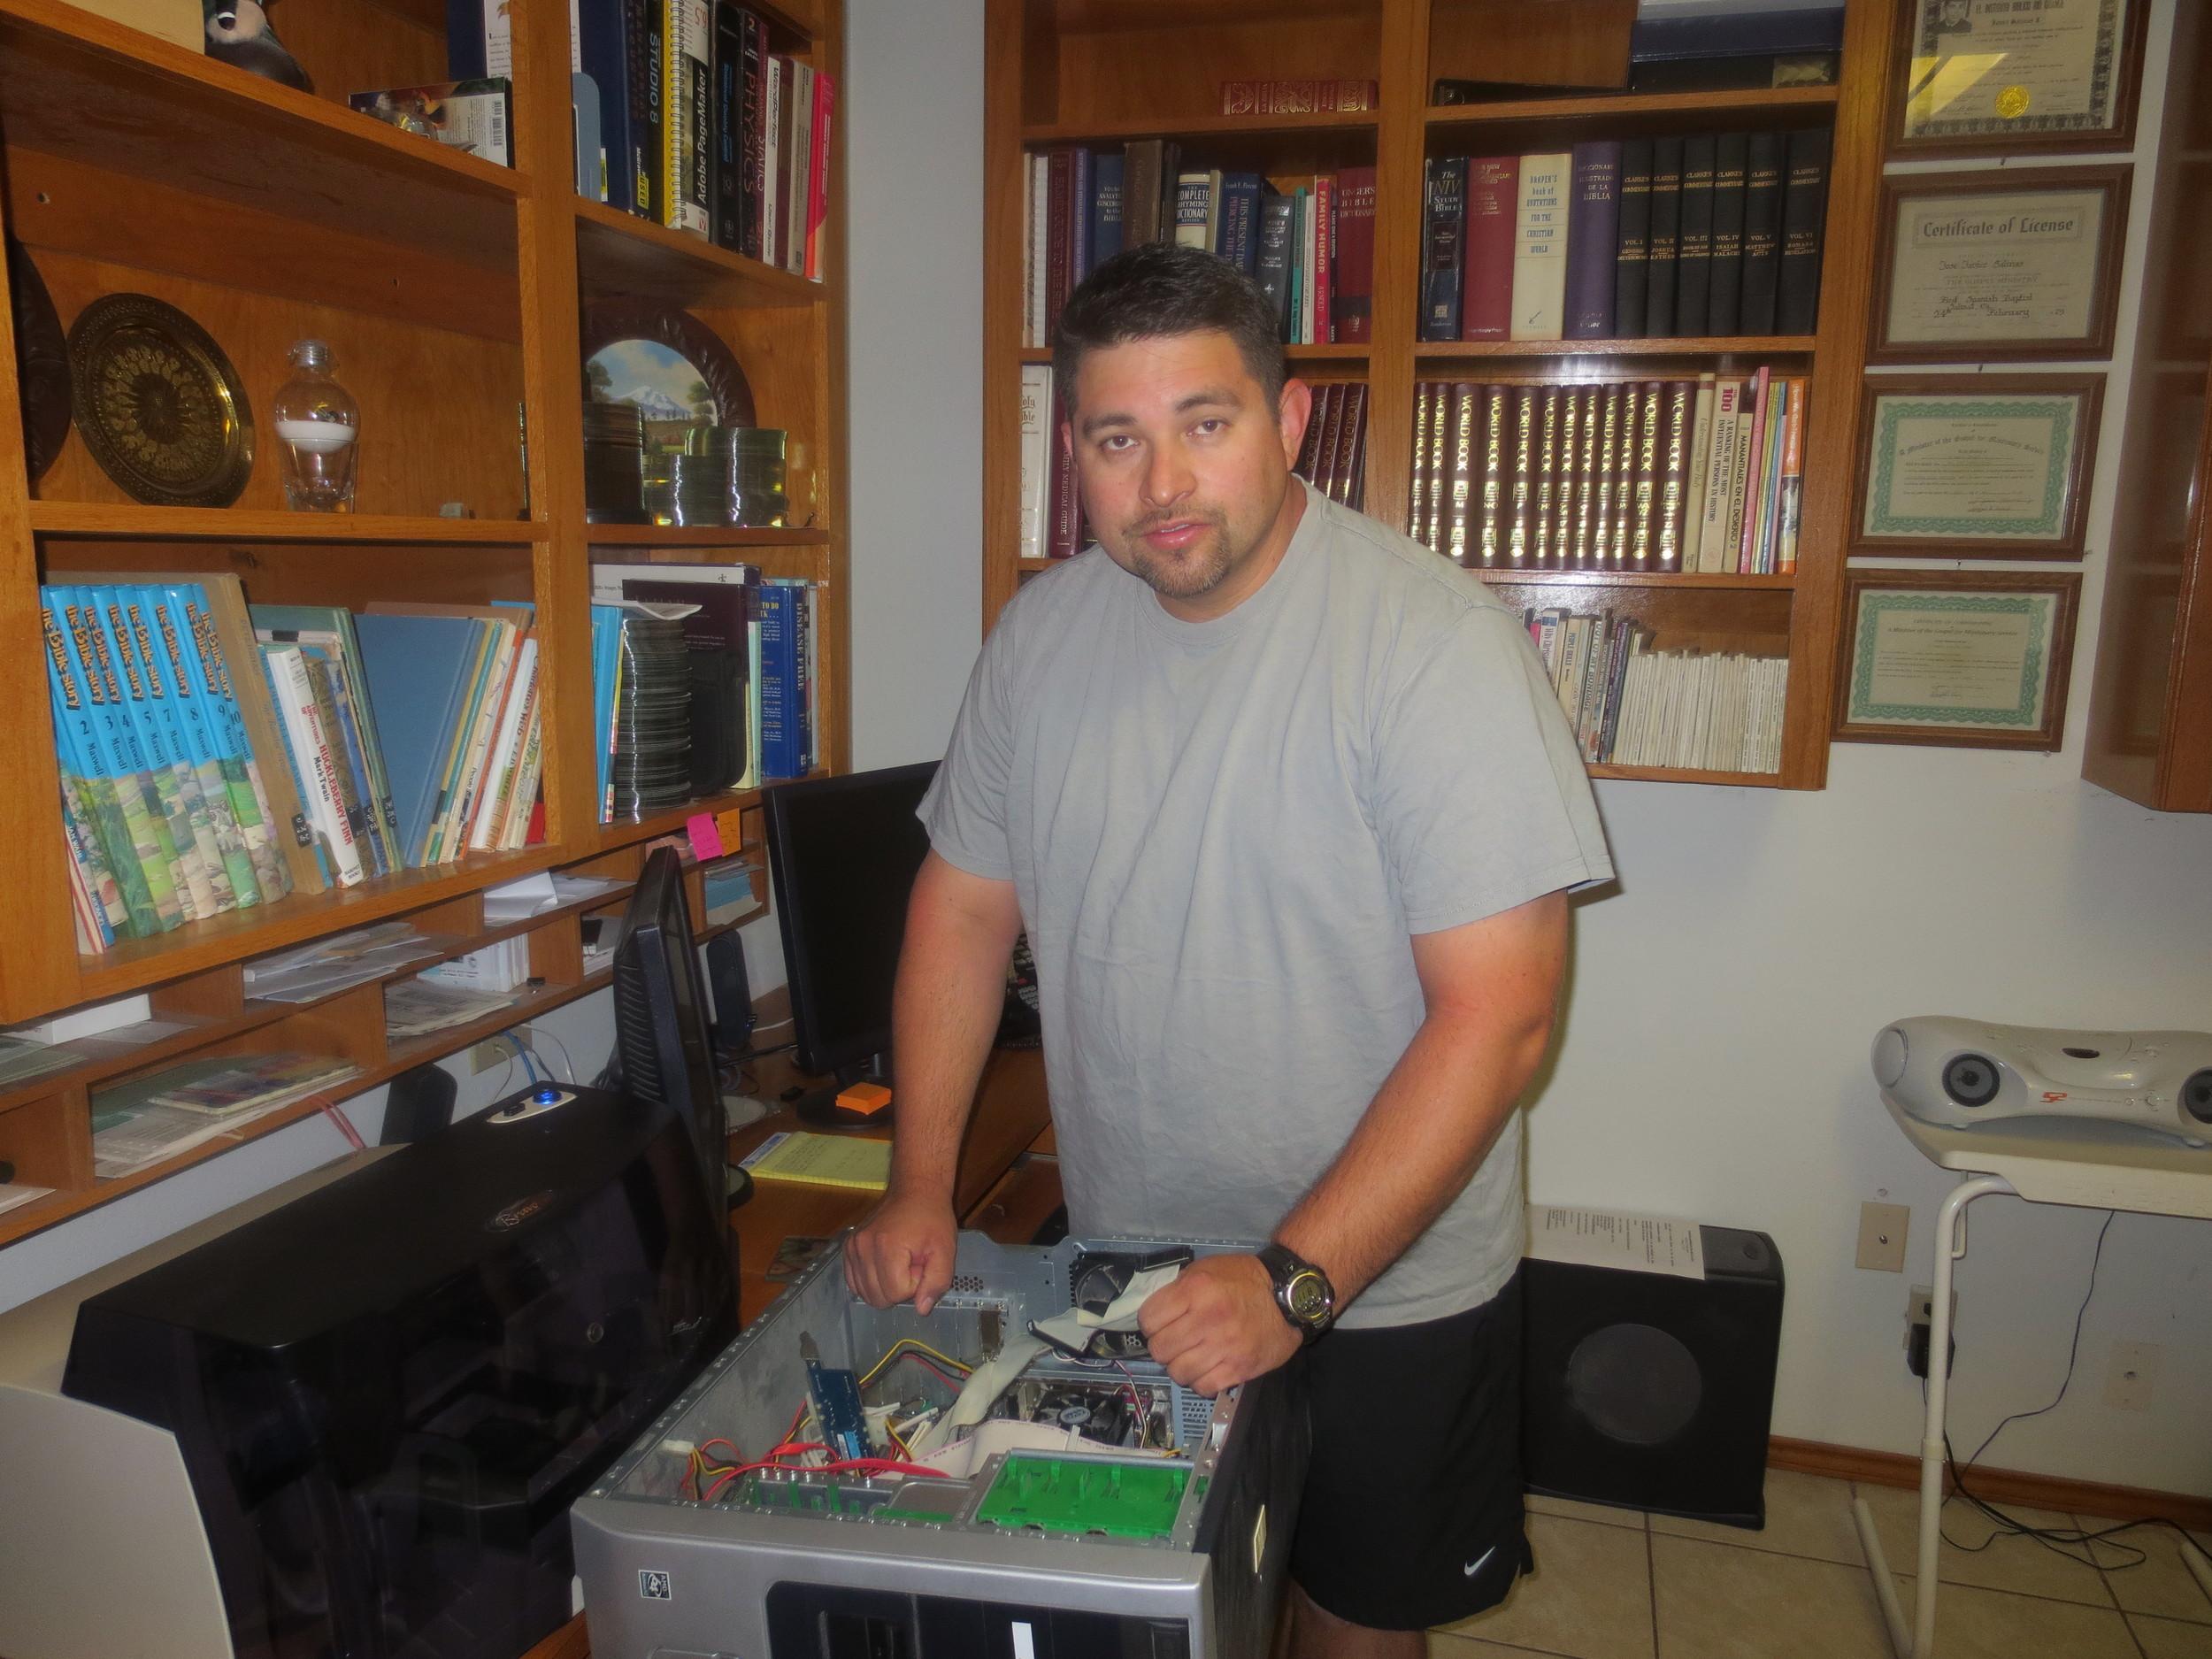 Tecnico: Nuestro hijo Daniel R. Salinas